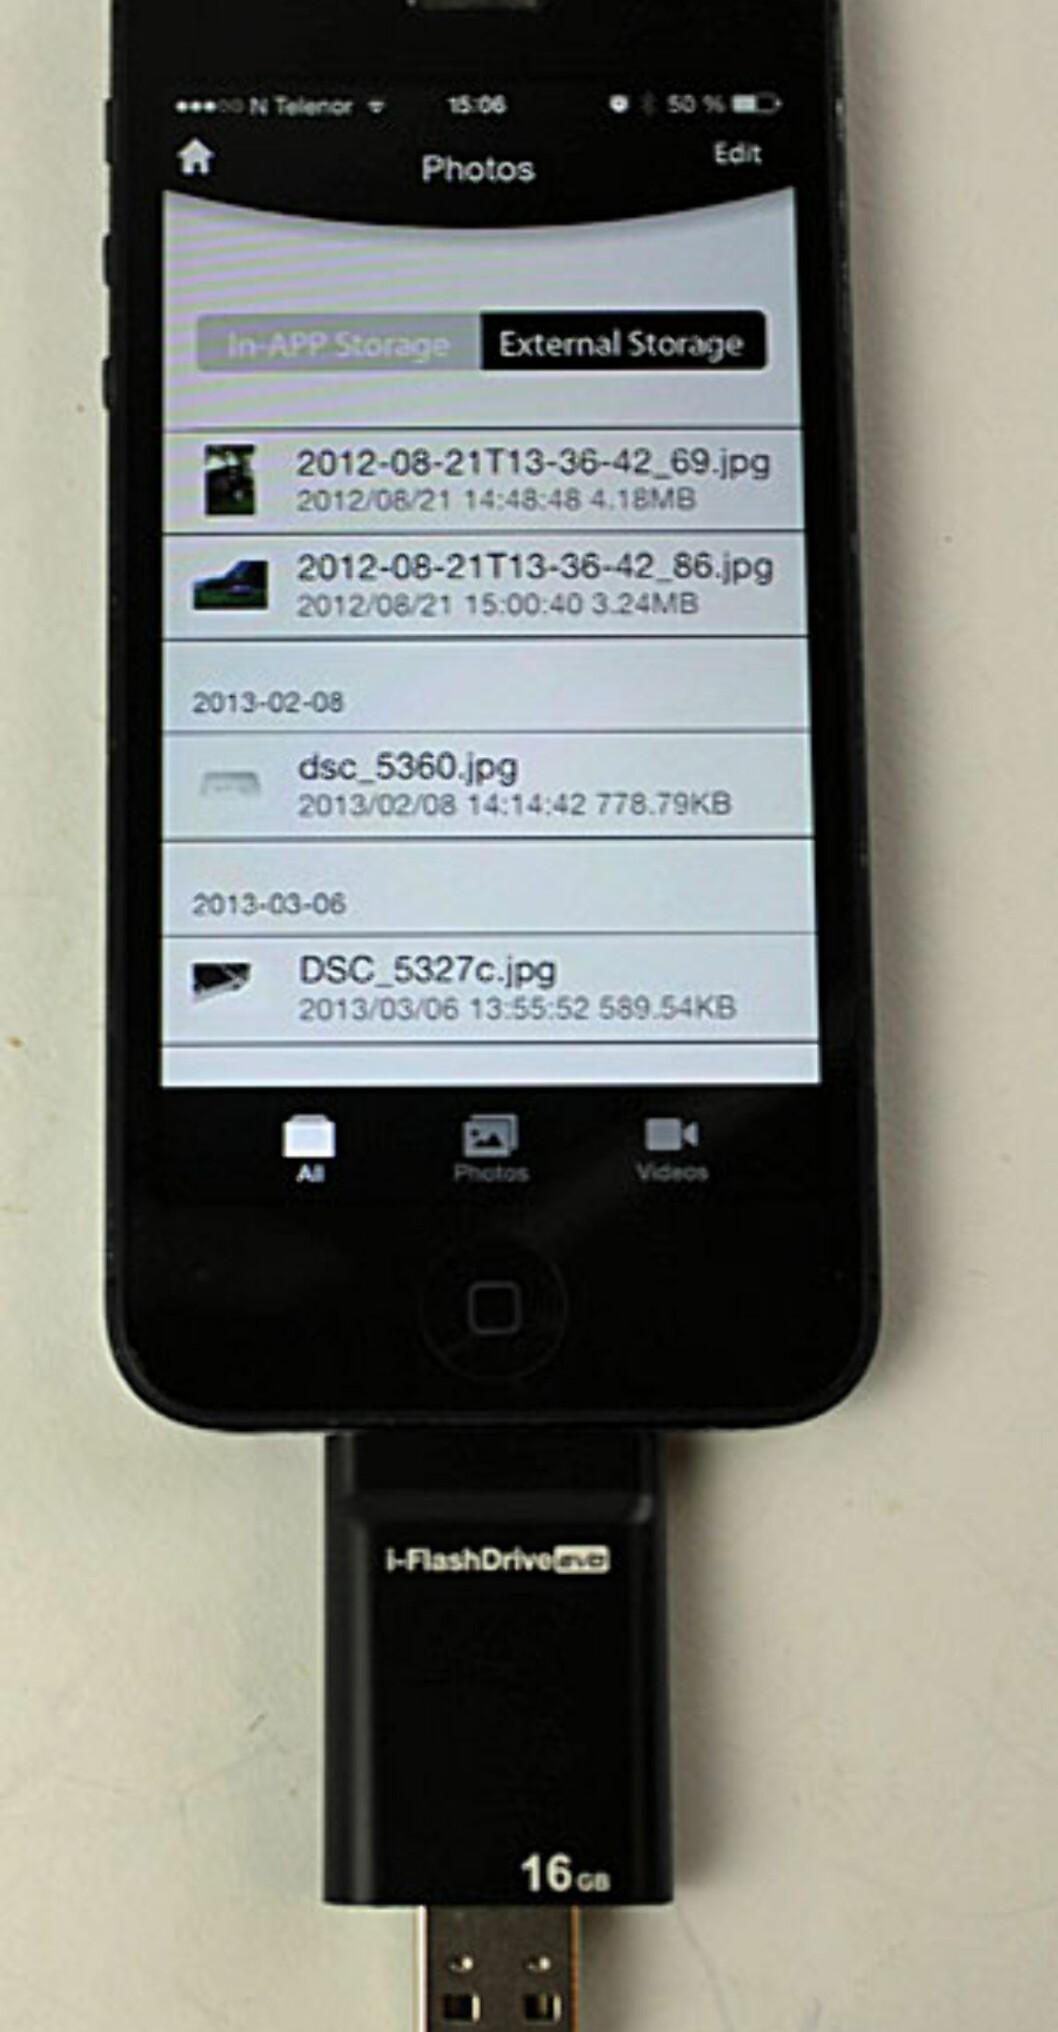 <strong><b>i-FlashDrive:</strong></b> Appens listing av bilder på minnekortet. Foto: ØYVIND PAULSEN